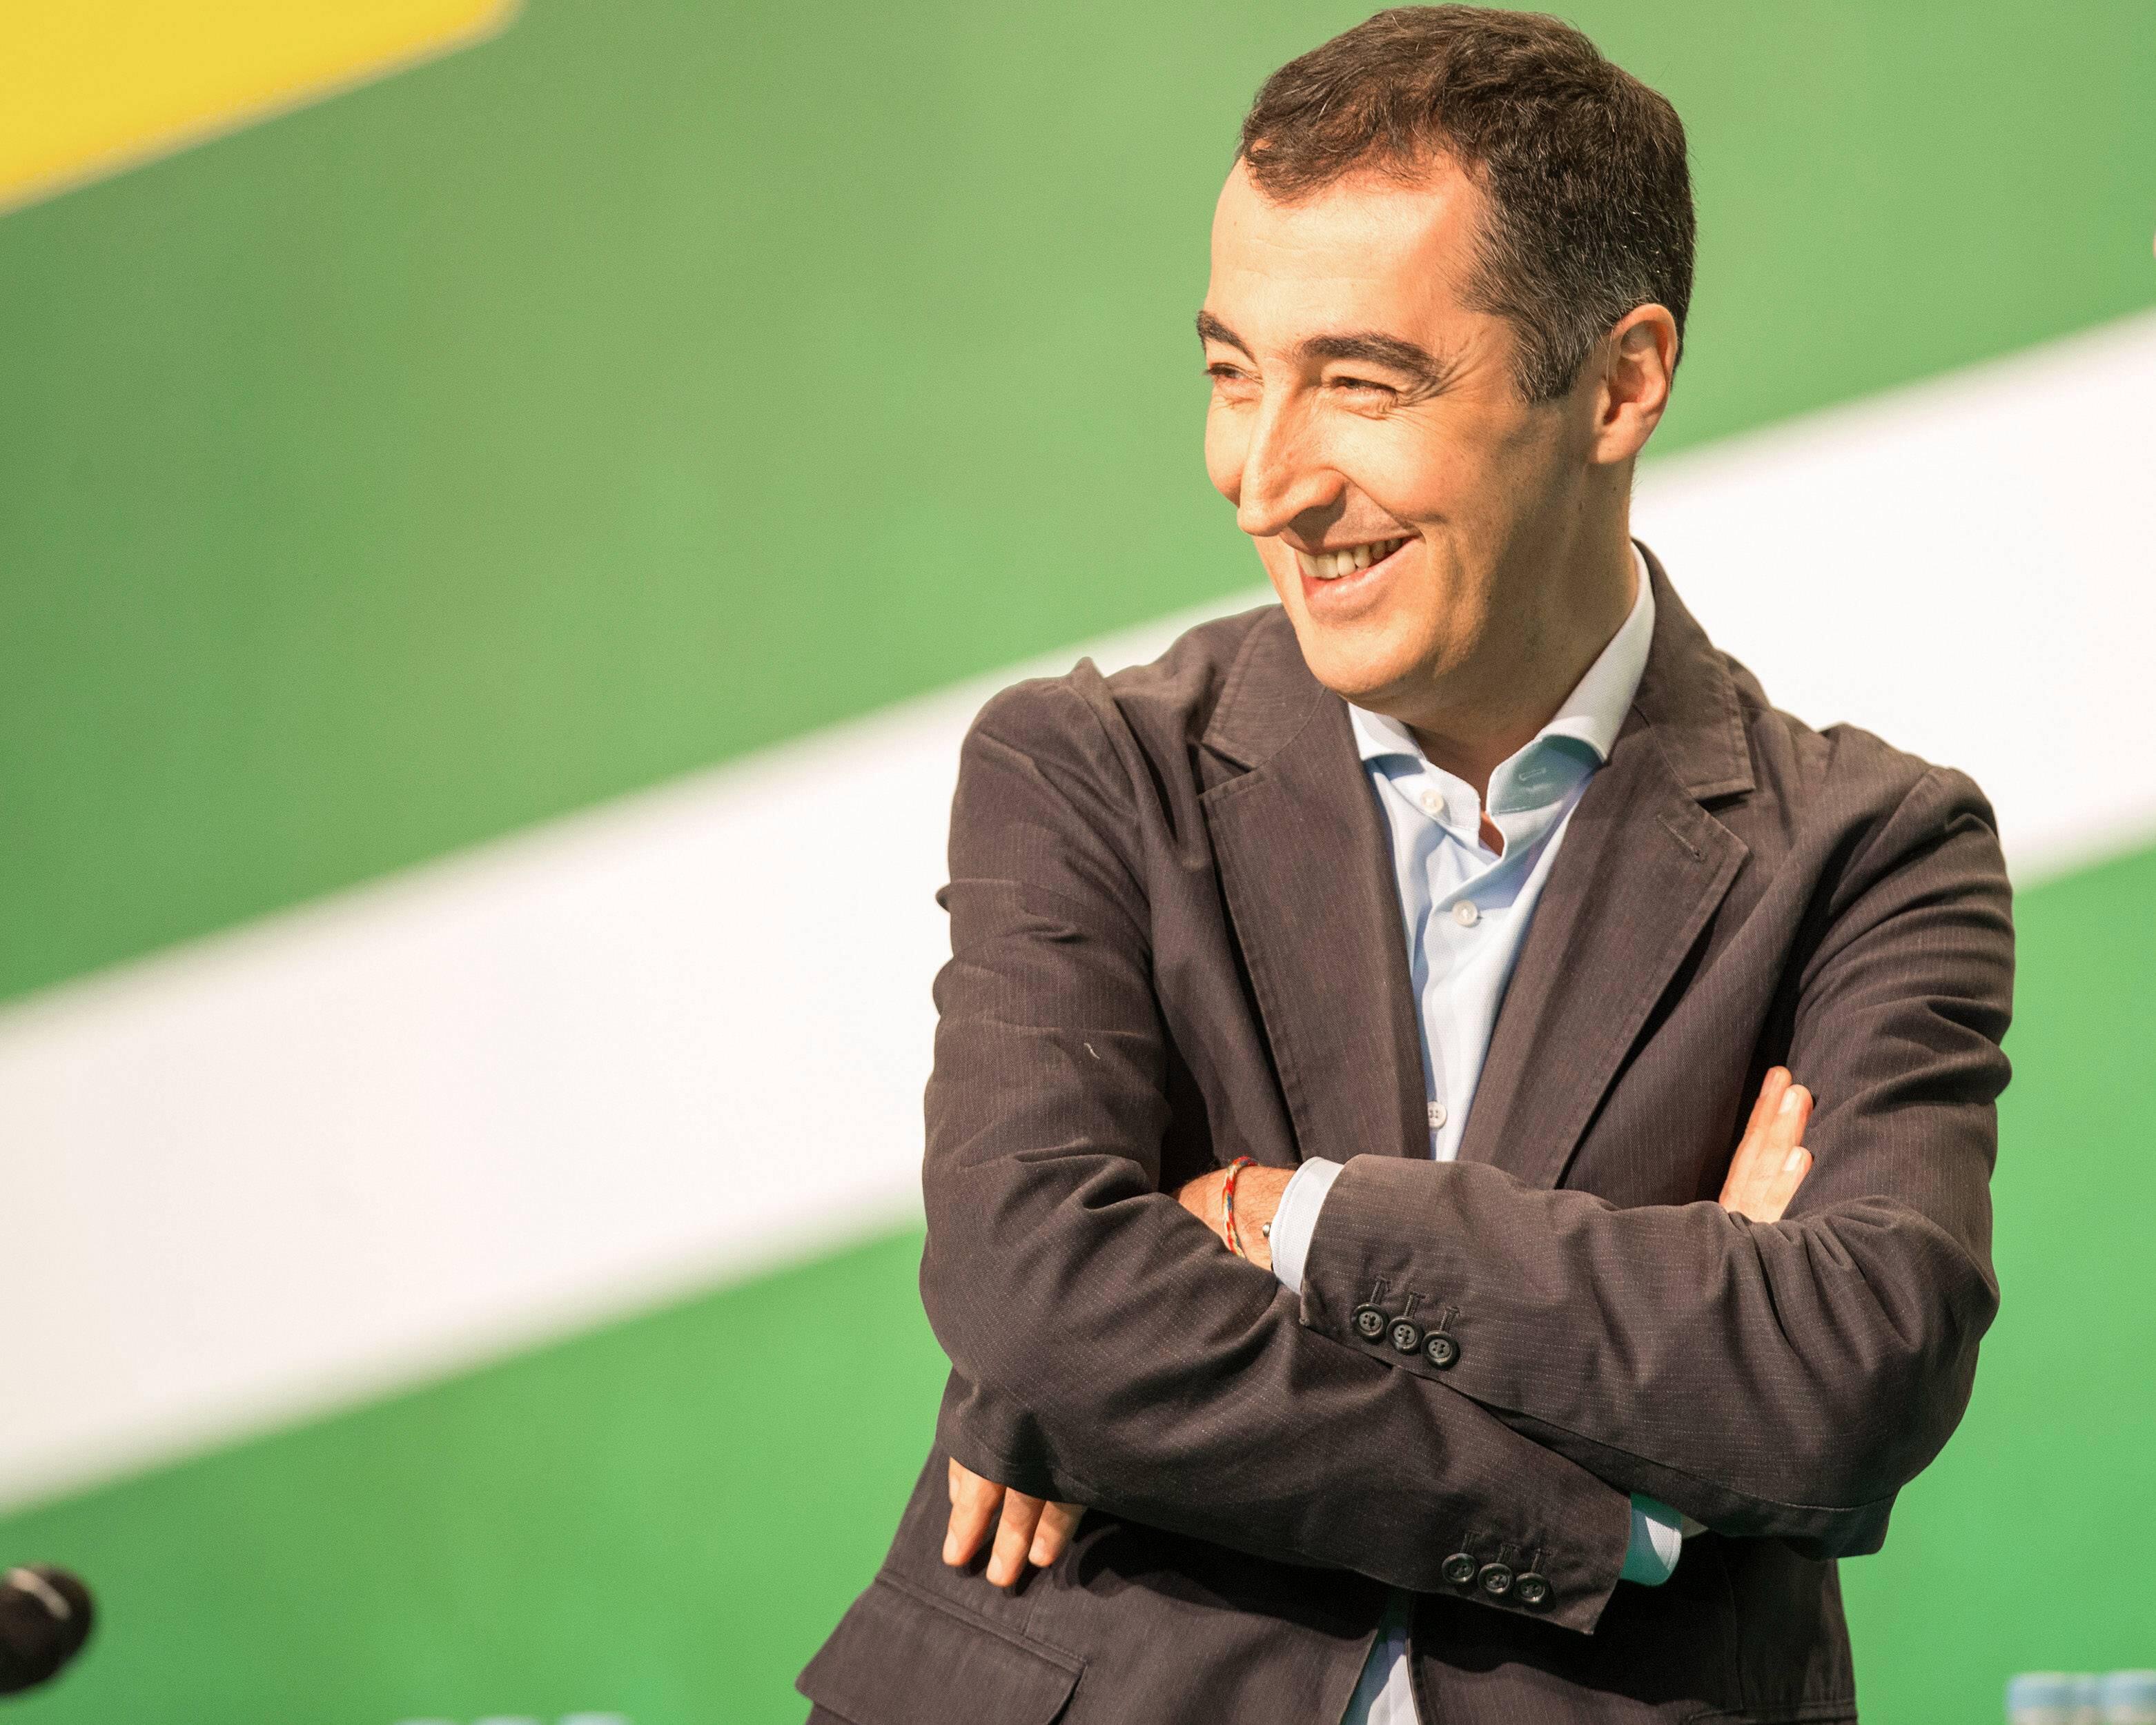 Bild zu Cem Özdemir, Bundestagswahl 2017, Grüne